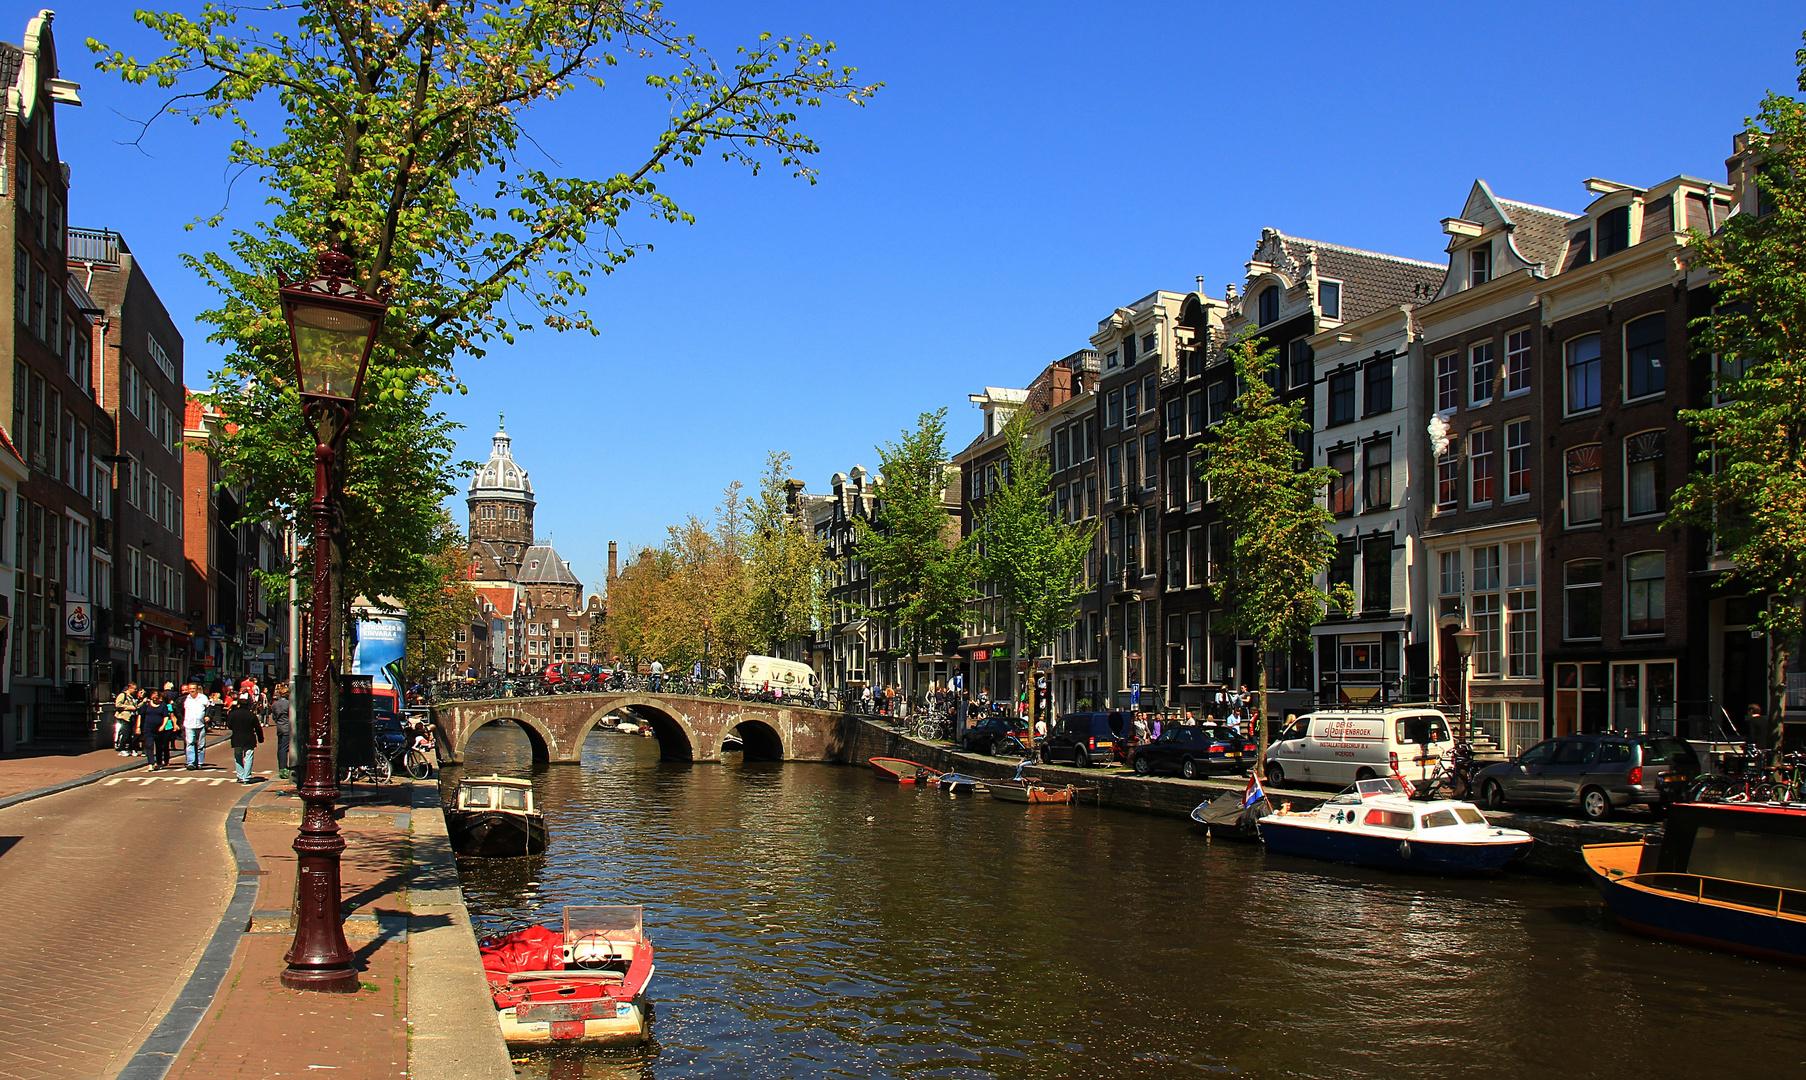 Amsterdamm